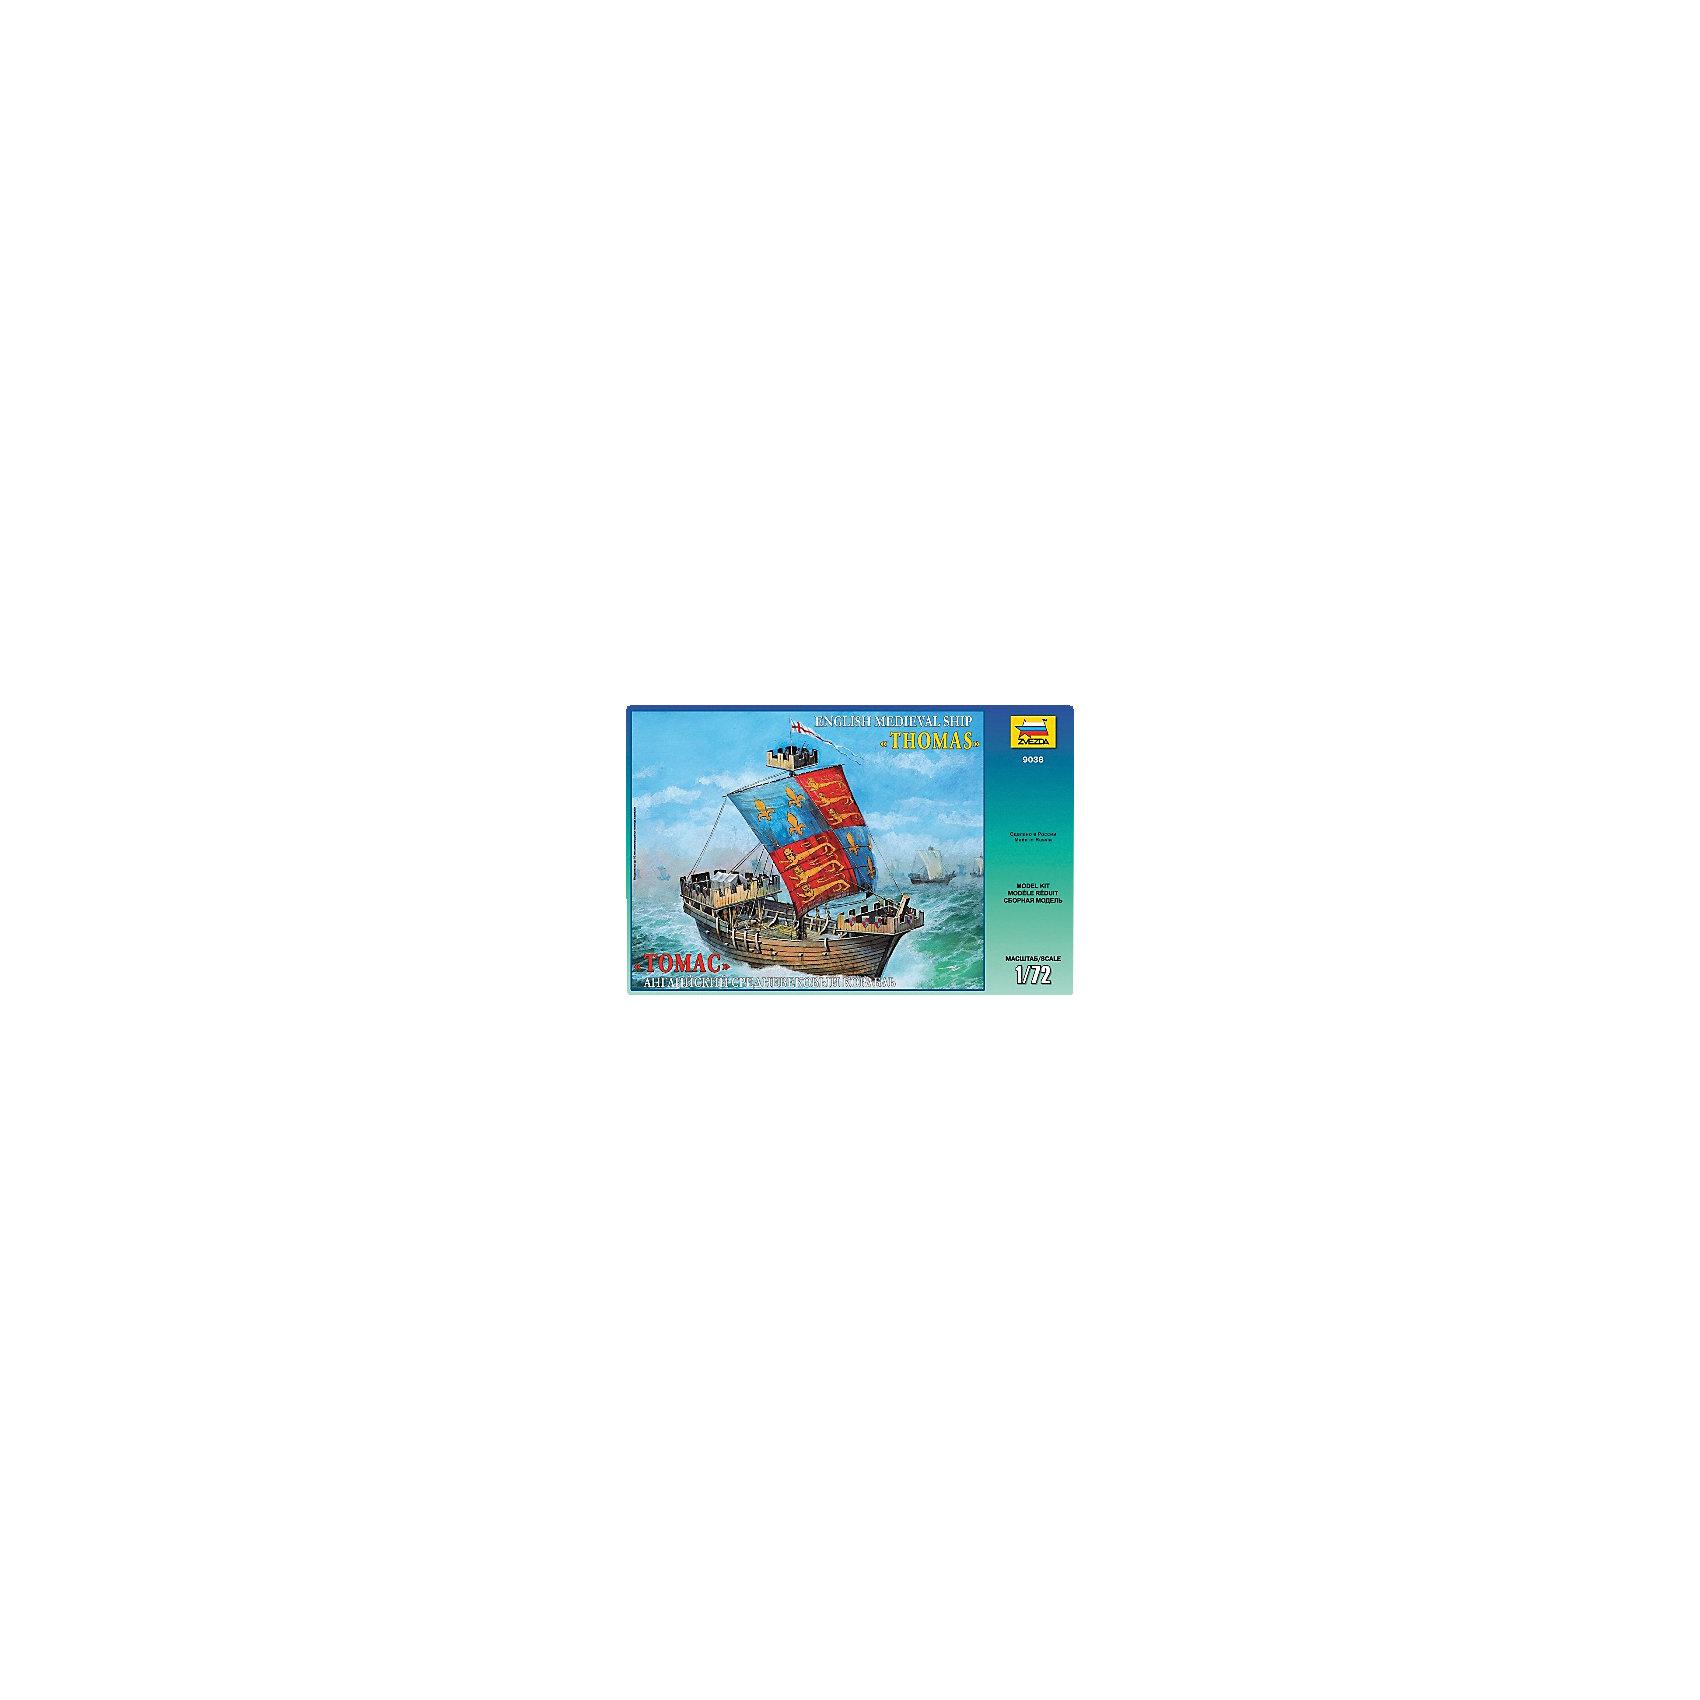 Сборная модель Звезда Английский корабль Томас, 1:72Модели для склеивания<br>Модель сборная Английский корабль Томас<br><br>Ширина мм: 487<br>Глубина мм: 307<br>Высота мм: 85<br>Вес г: 1000<br>Возраст от месяцев: 36<br>Возраст до месяцев: 180<br>Пол: Мужской<br>Возраст: Детский<br>SKU: 7086594